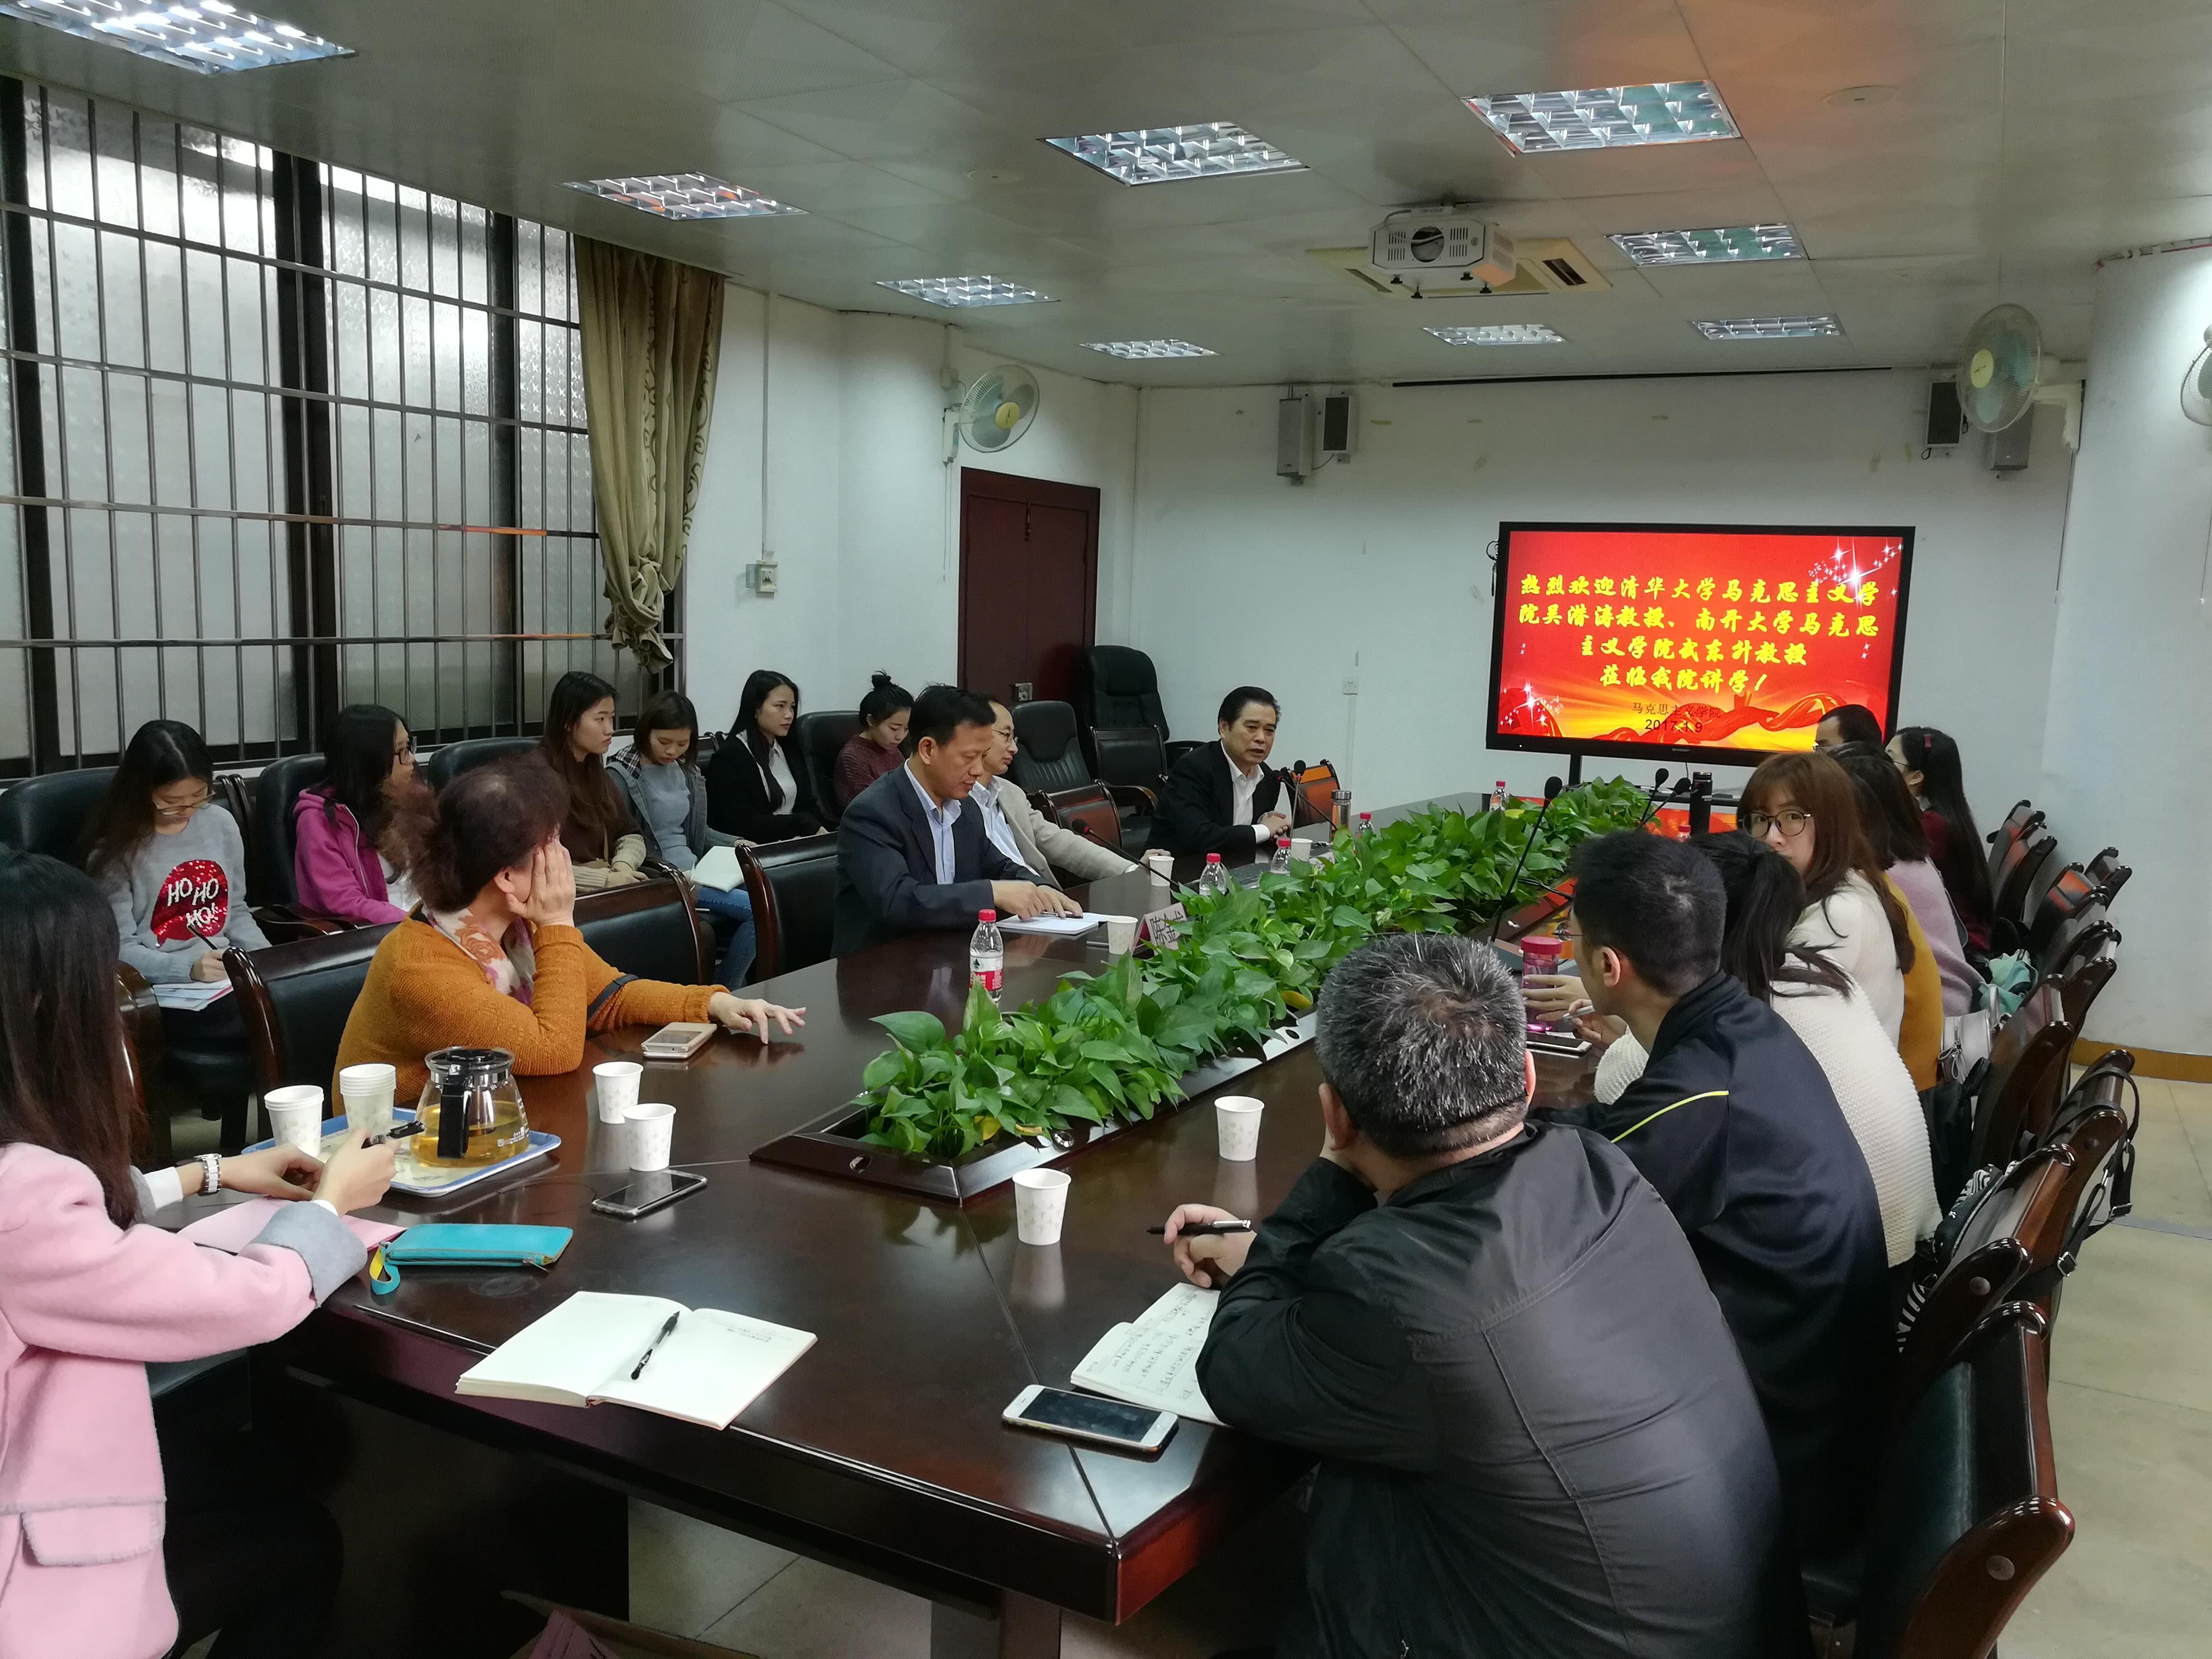 清华大学吴潜涛教授、南开大学武东生教授应邀请来我校讲学